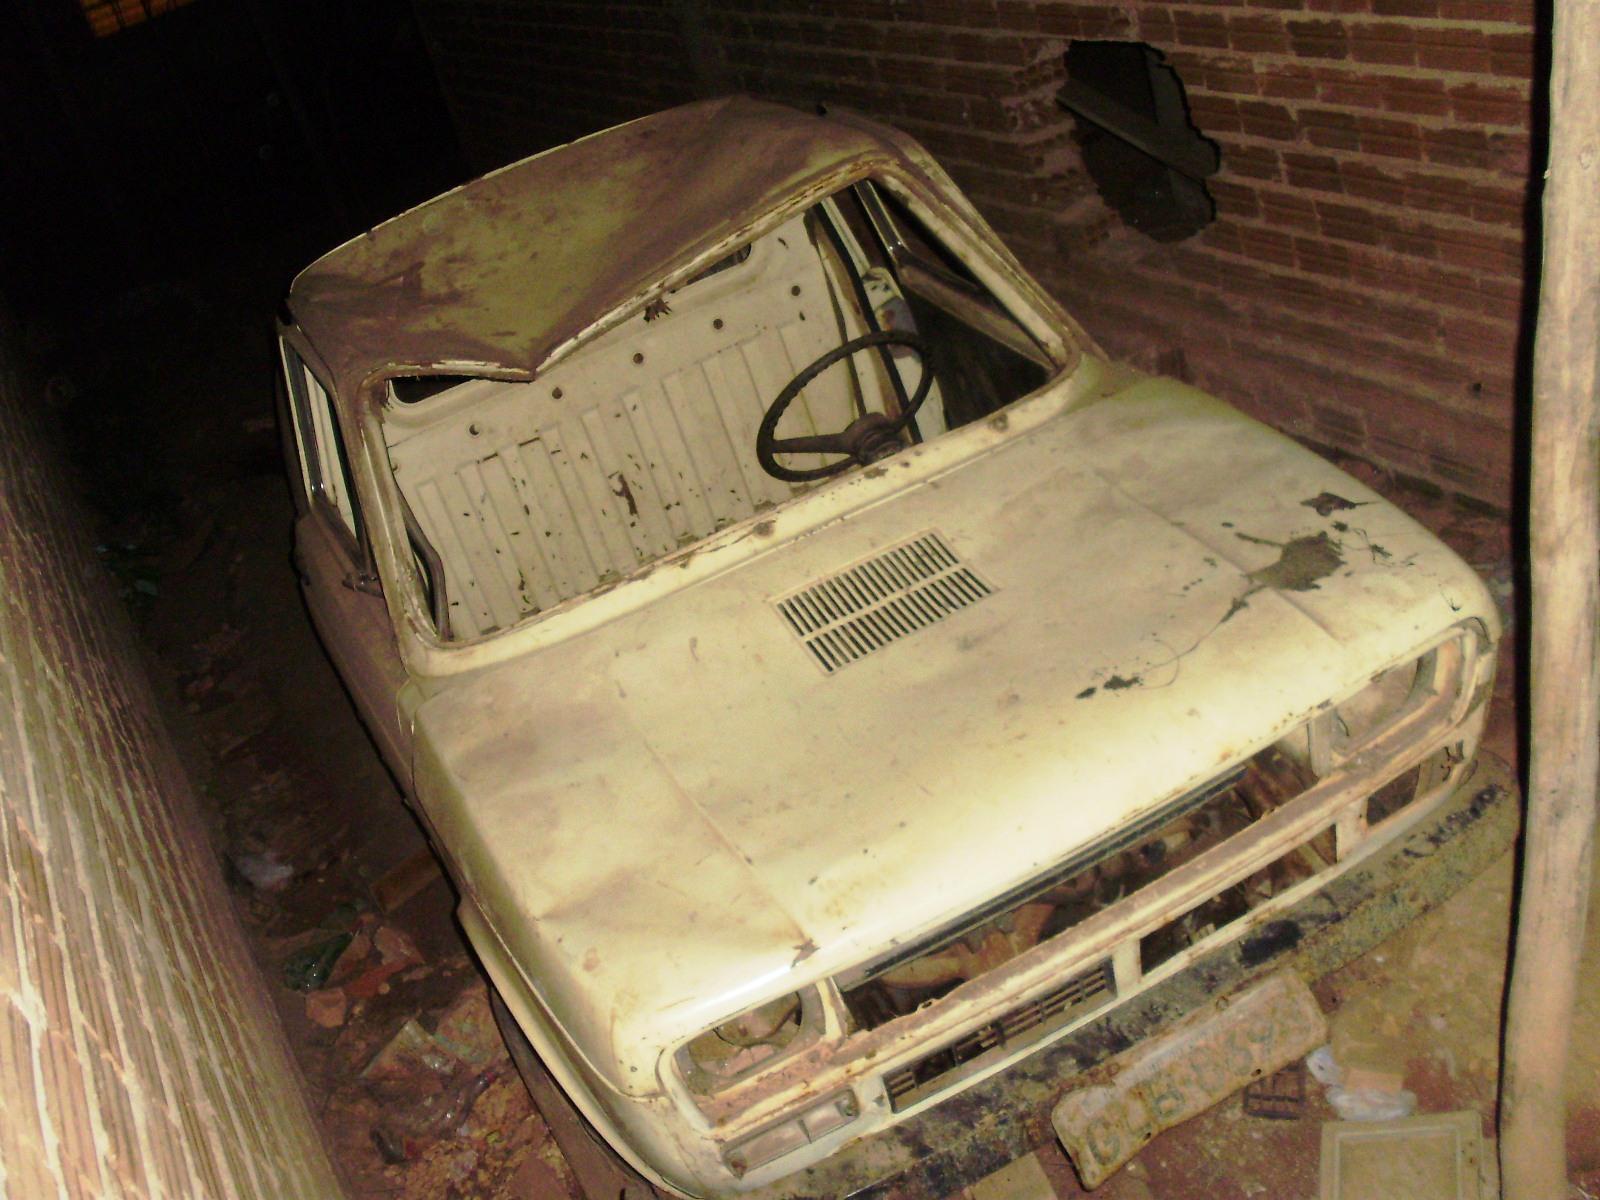 william_caminhonete-fiat-c-ity_1983_monte-belo-6 Fiat Pick Up (1983)